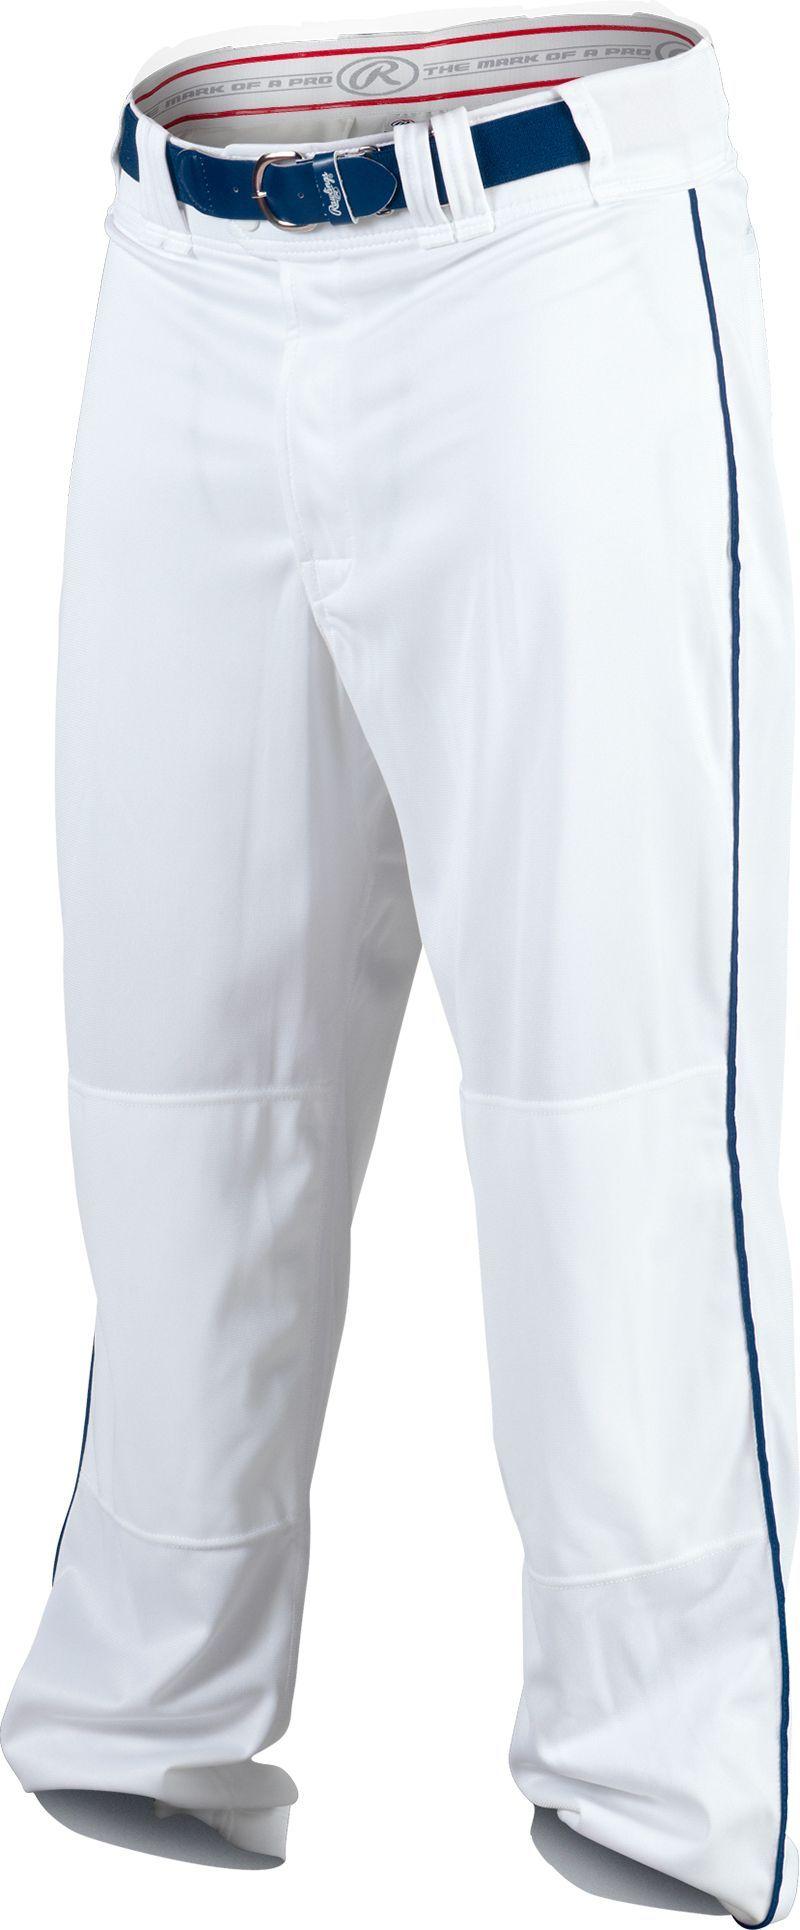 One Size Multi RAWLINGS Unisexs Baseball Clothing Pants